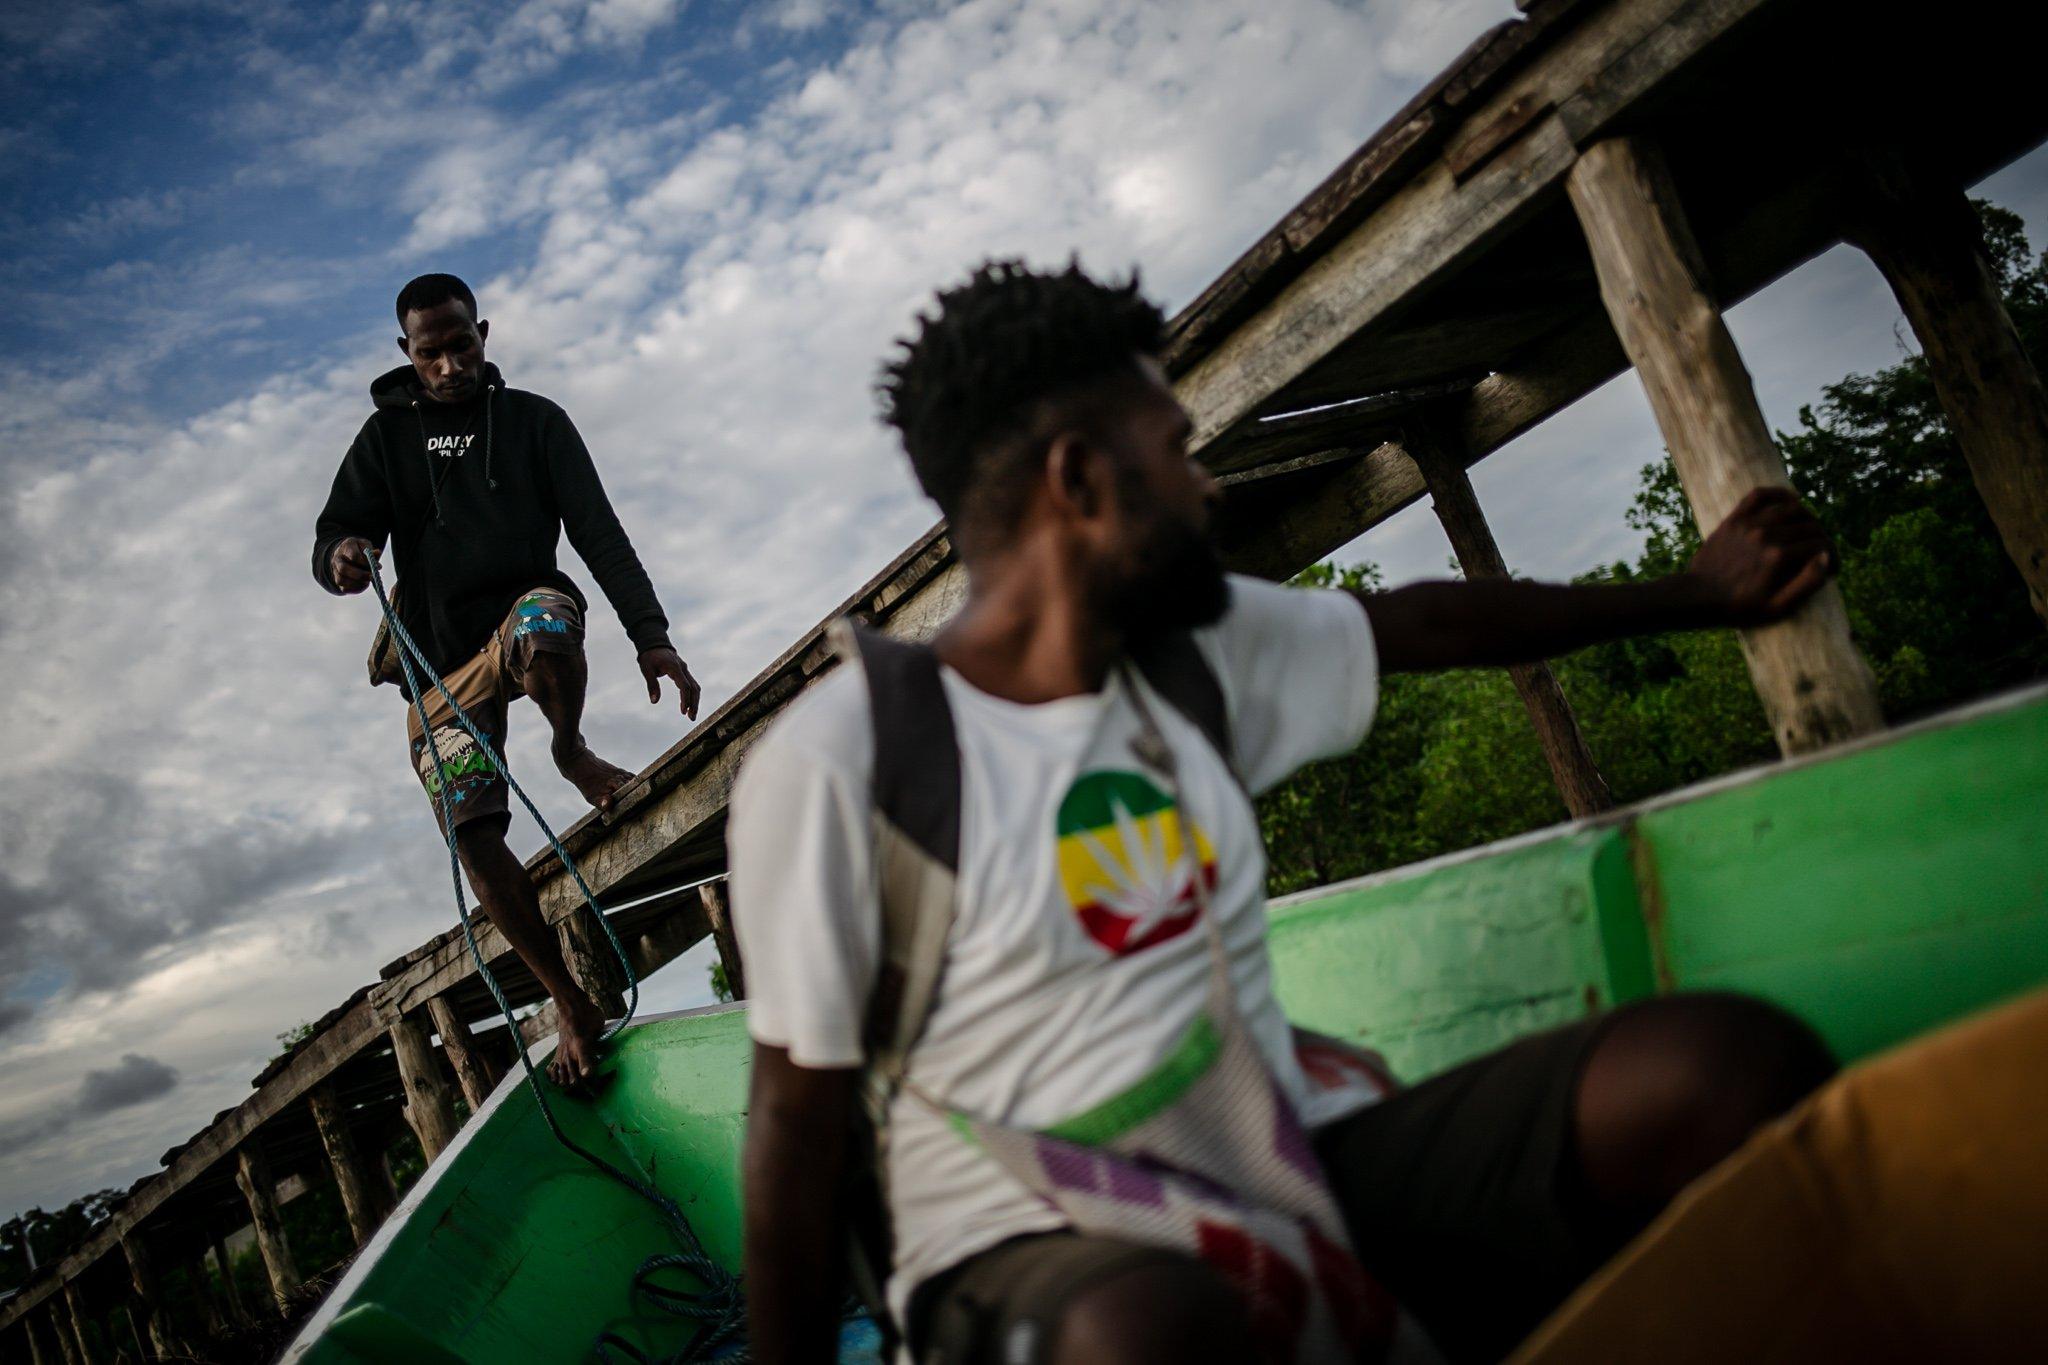 Sejumlah warga menaiki perahunya di Distrik Segun, Kabupaten Sorong, Papua Barat, Minggu, (19/9/2021). Mayoritas masyarakat di Kampung Adat ini merupakan masyarakat aseli Suku Moi yang masih bergantung dengan hasil hutan dan laut untuk makan sehari-hari.